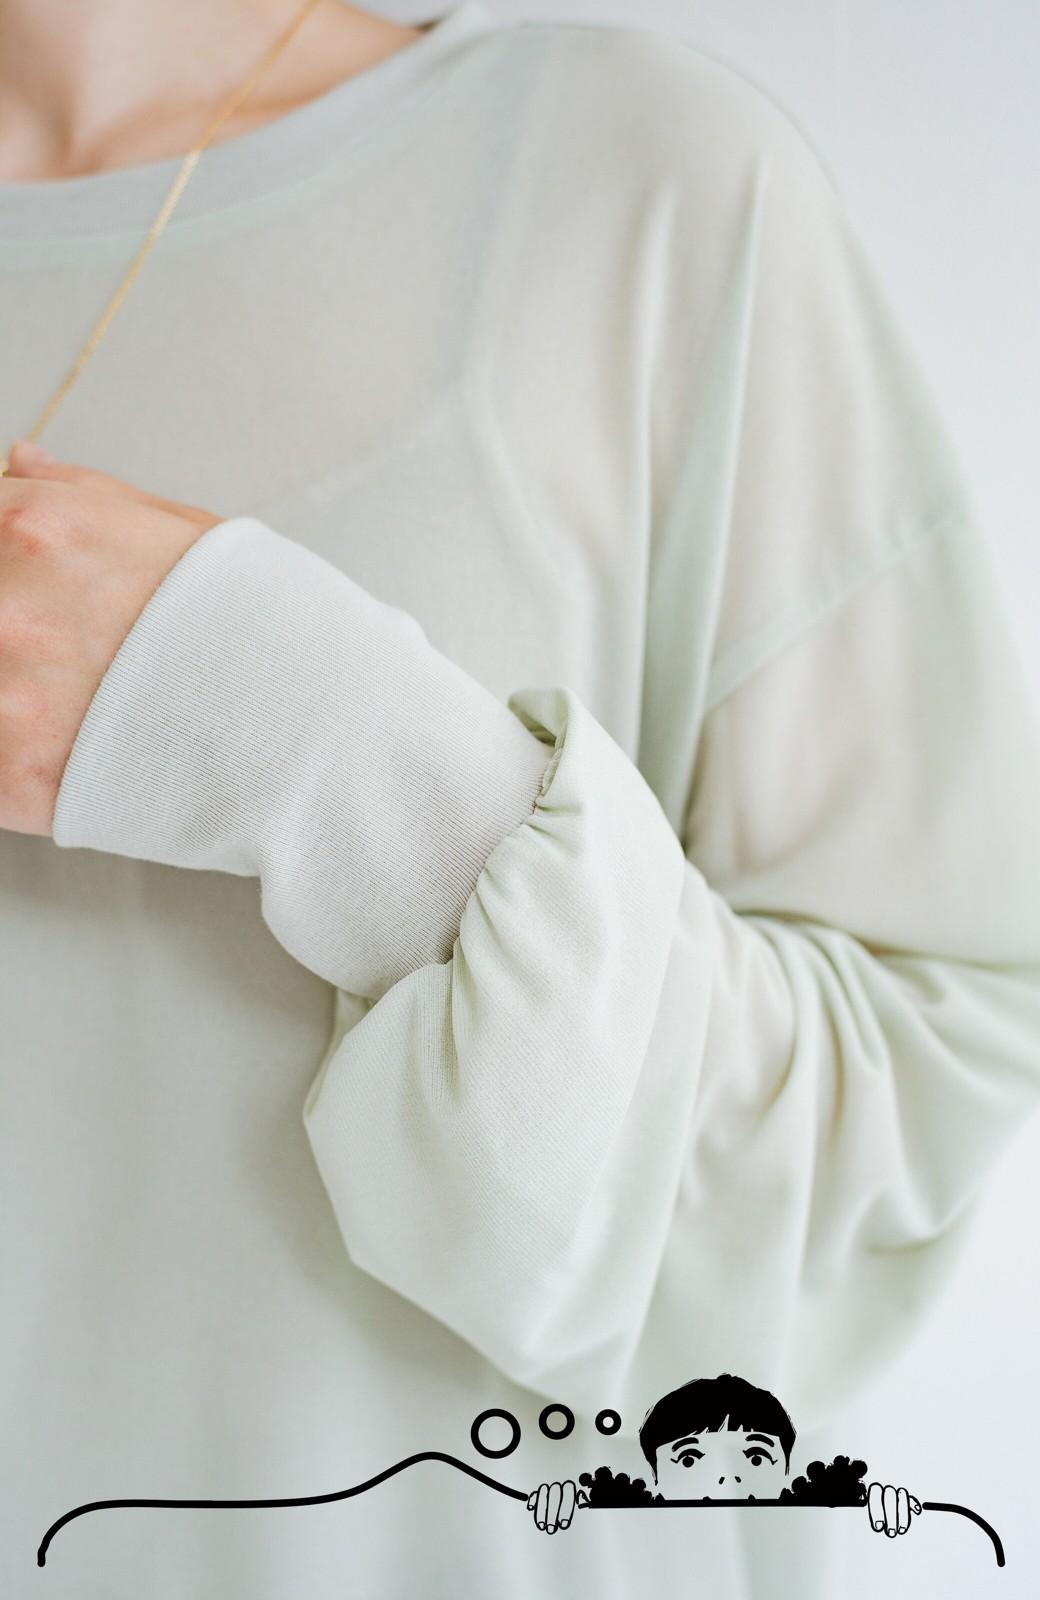 haco! 合わせやすくてコーデが華やぐ パジャマ並みにやわらかな着心地のシアーロンTby who made me <ミント>の商品写真9